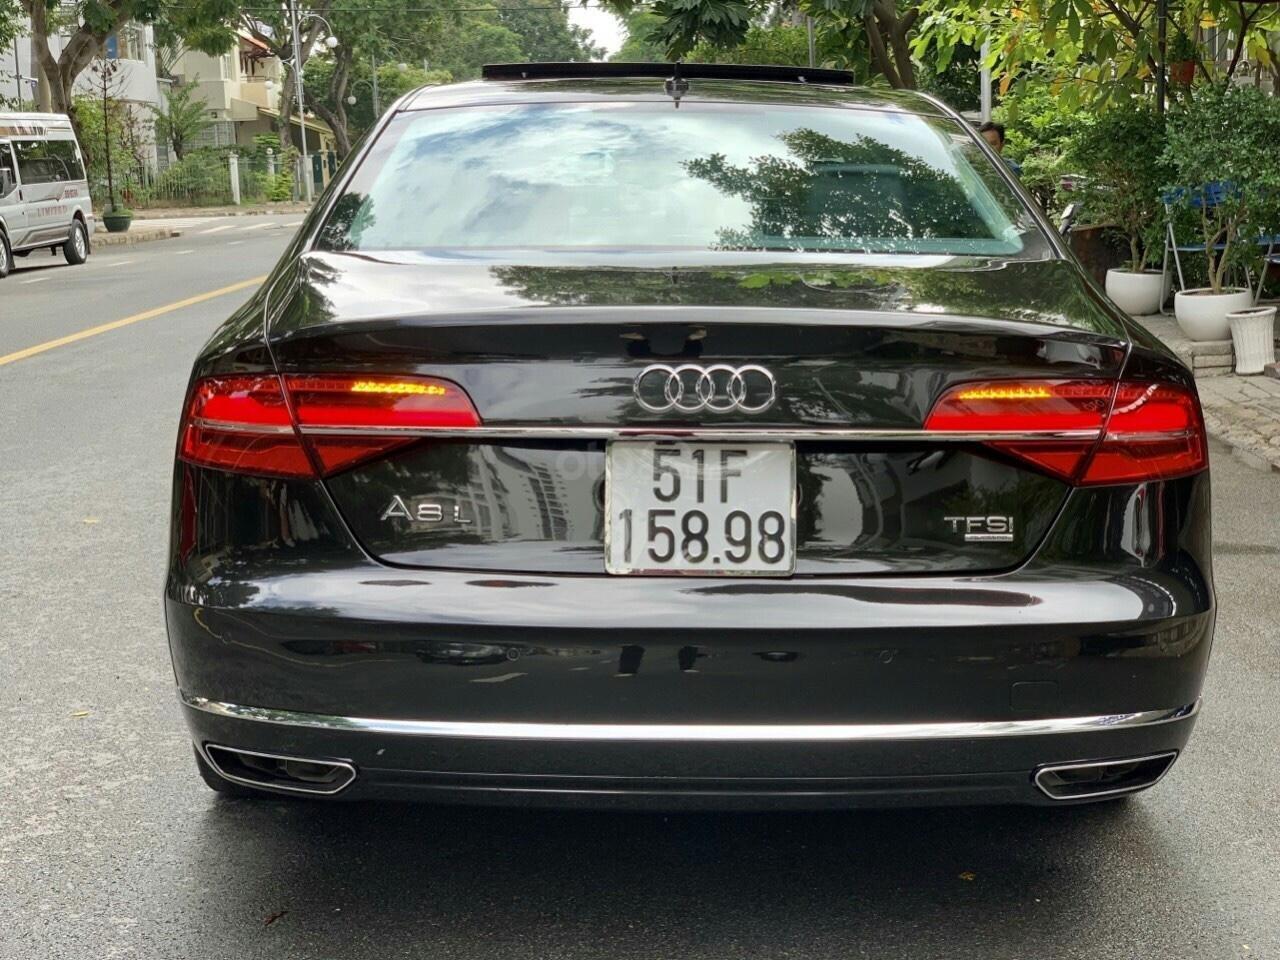 Cần bán xe Audi A8L sản xuất năm 2015, màu đen, nhập khẩu nguyên chiếc (4)